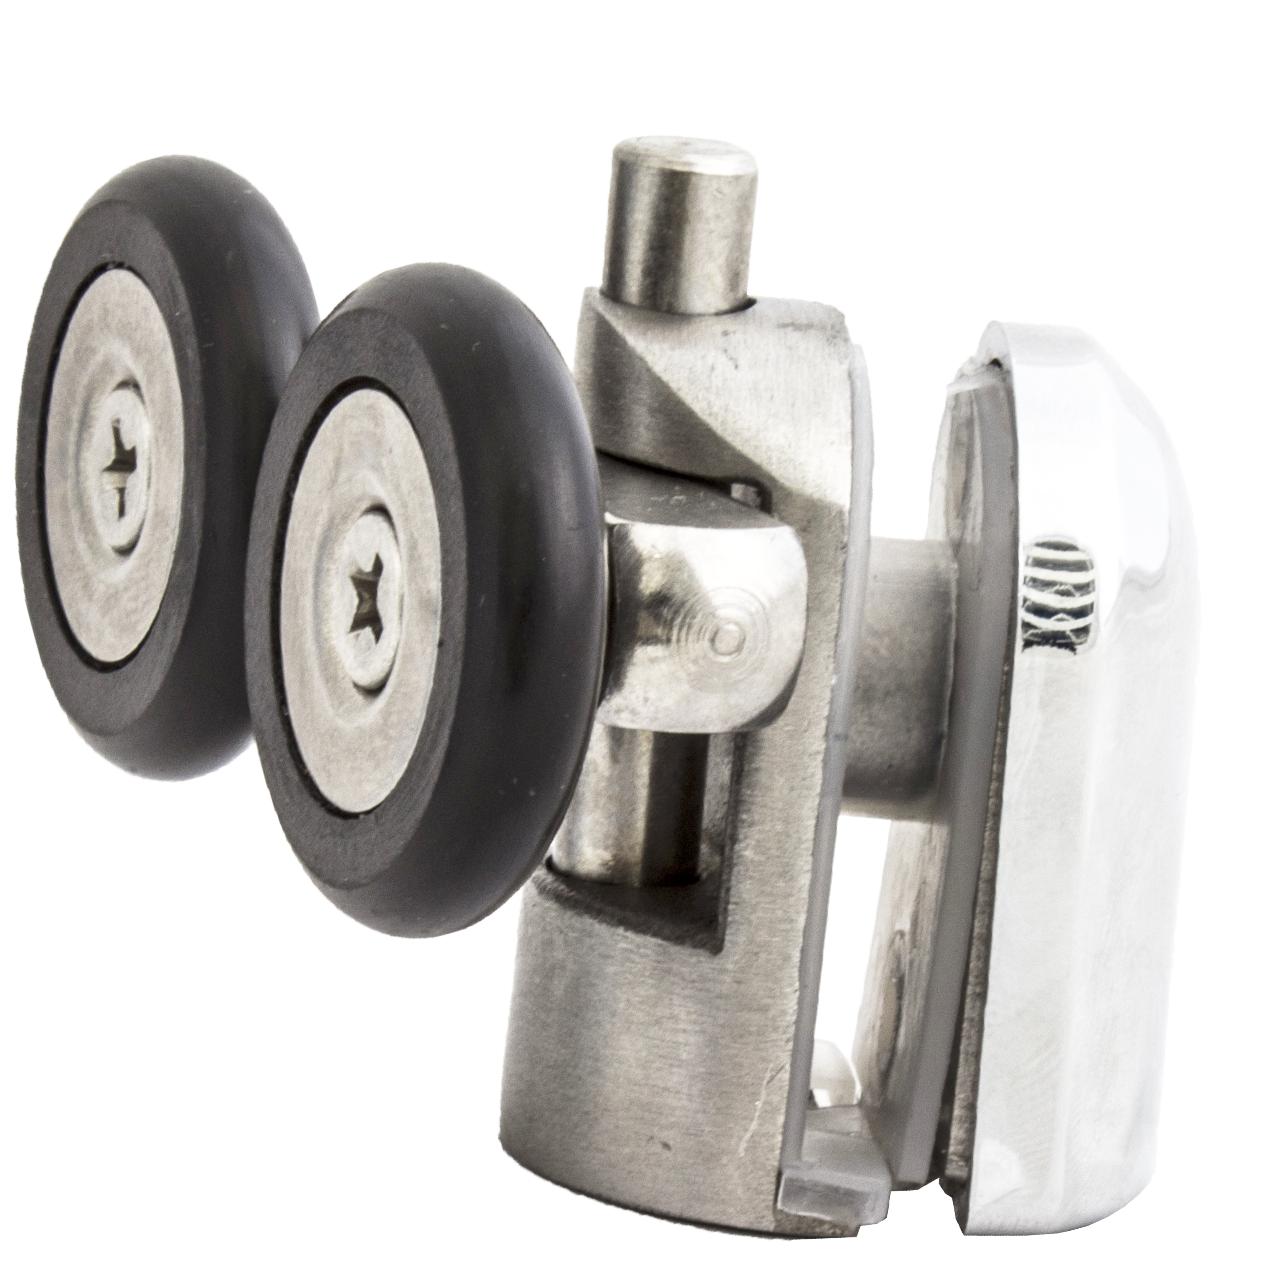 Ролик душової кабіни подвійний, нижній, натискної, металевий, нержавійка ( N-43H ) 23 мм